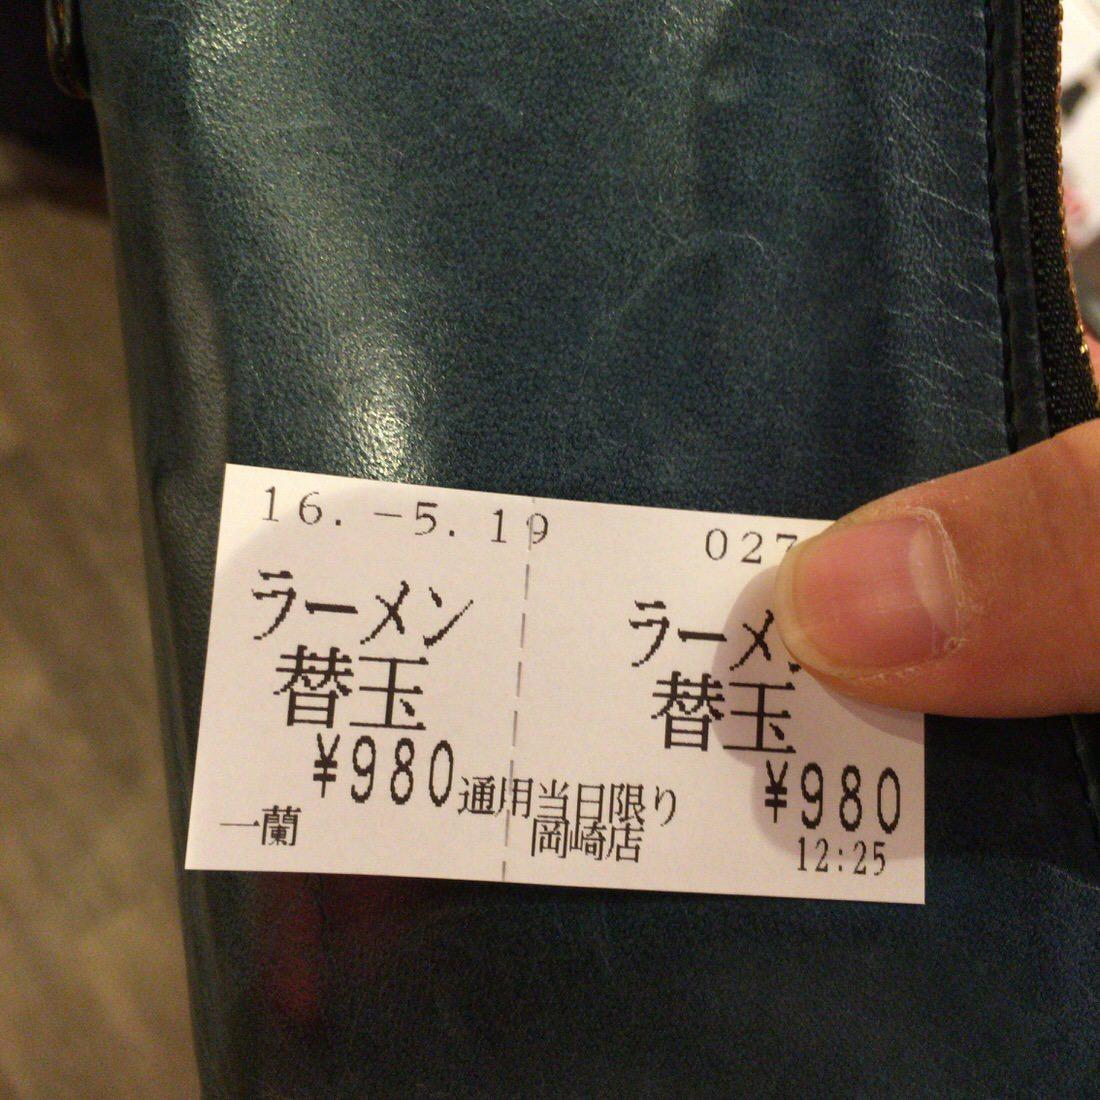 一蘭-ラーメン替え玉